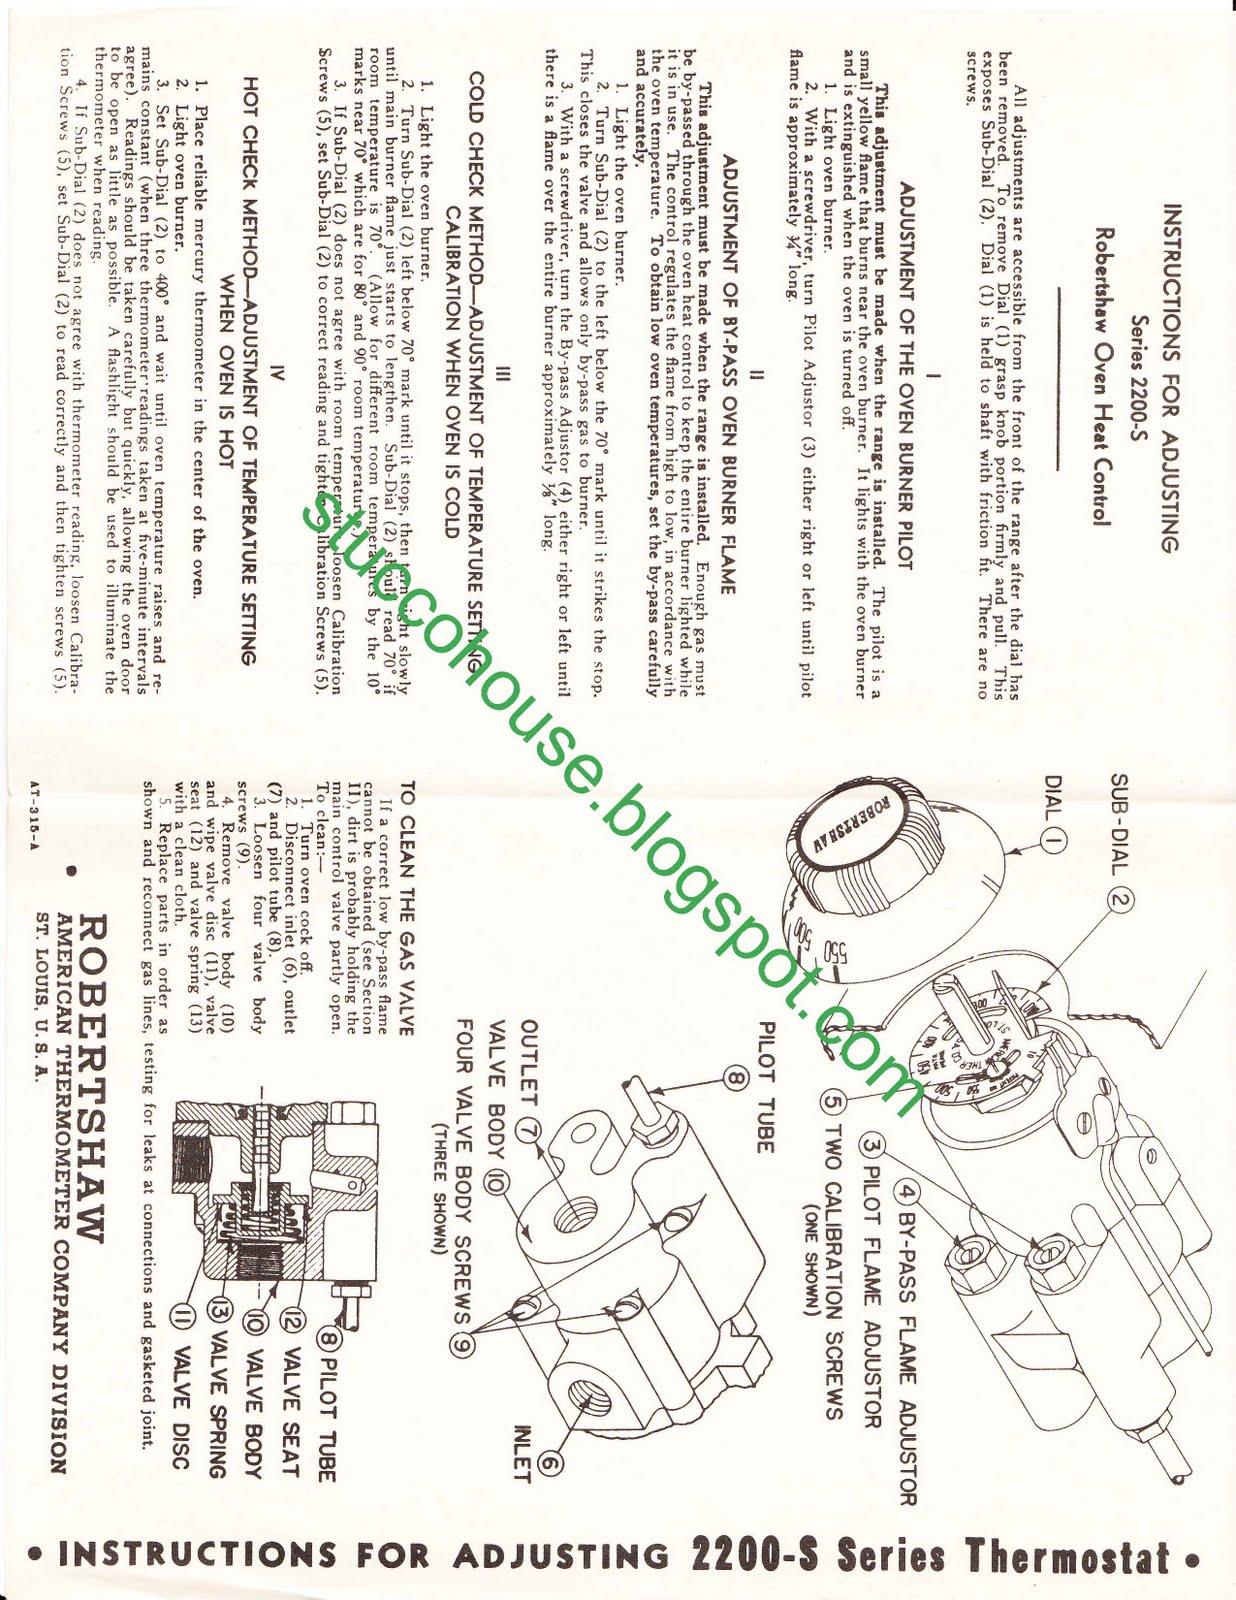 tappan talk adjusting the thermostat rh tappantalk blogspot com User Training Clip Art User Guide